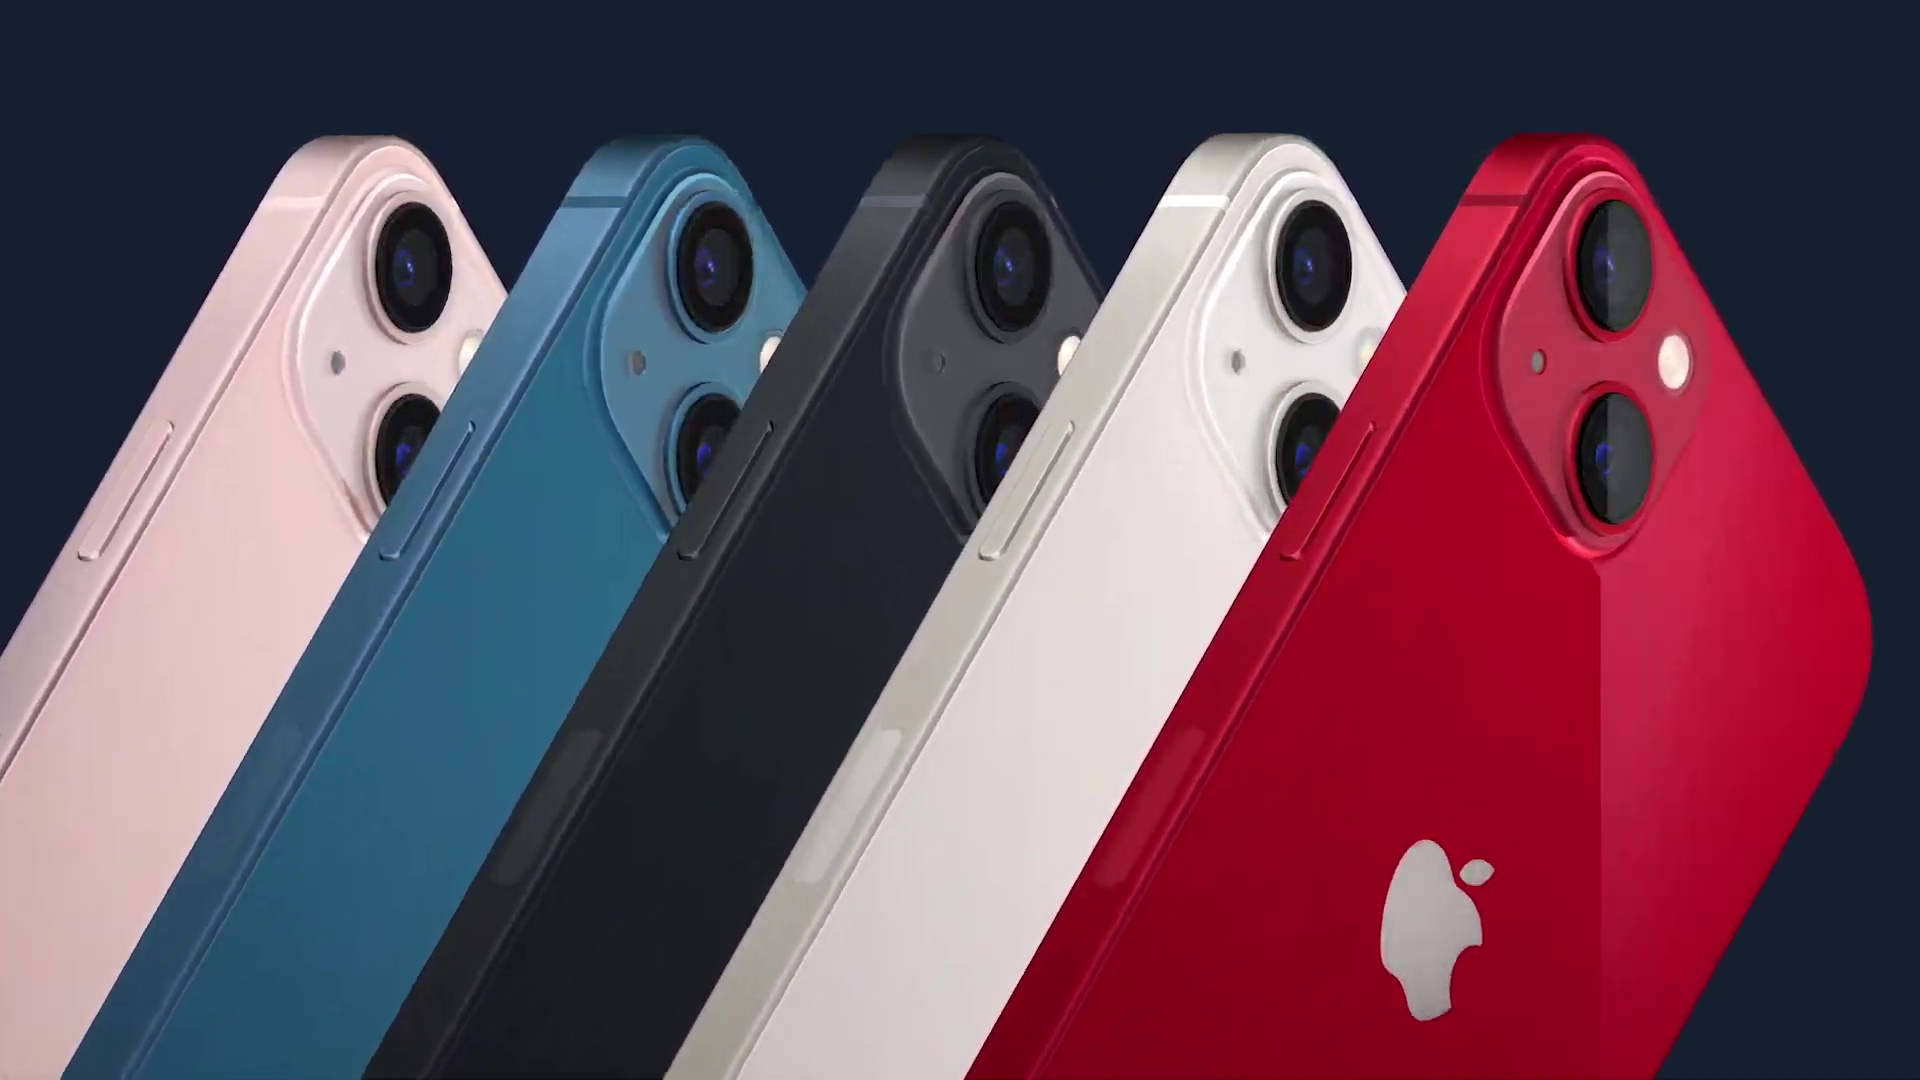 Jaką pojemność ma akumulator w iPhone 13?